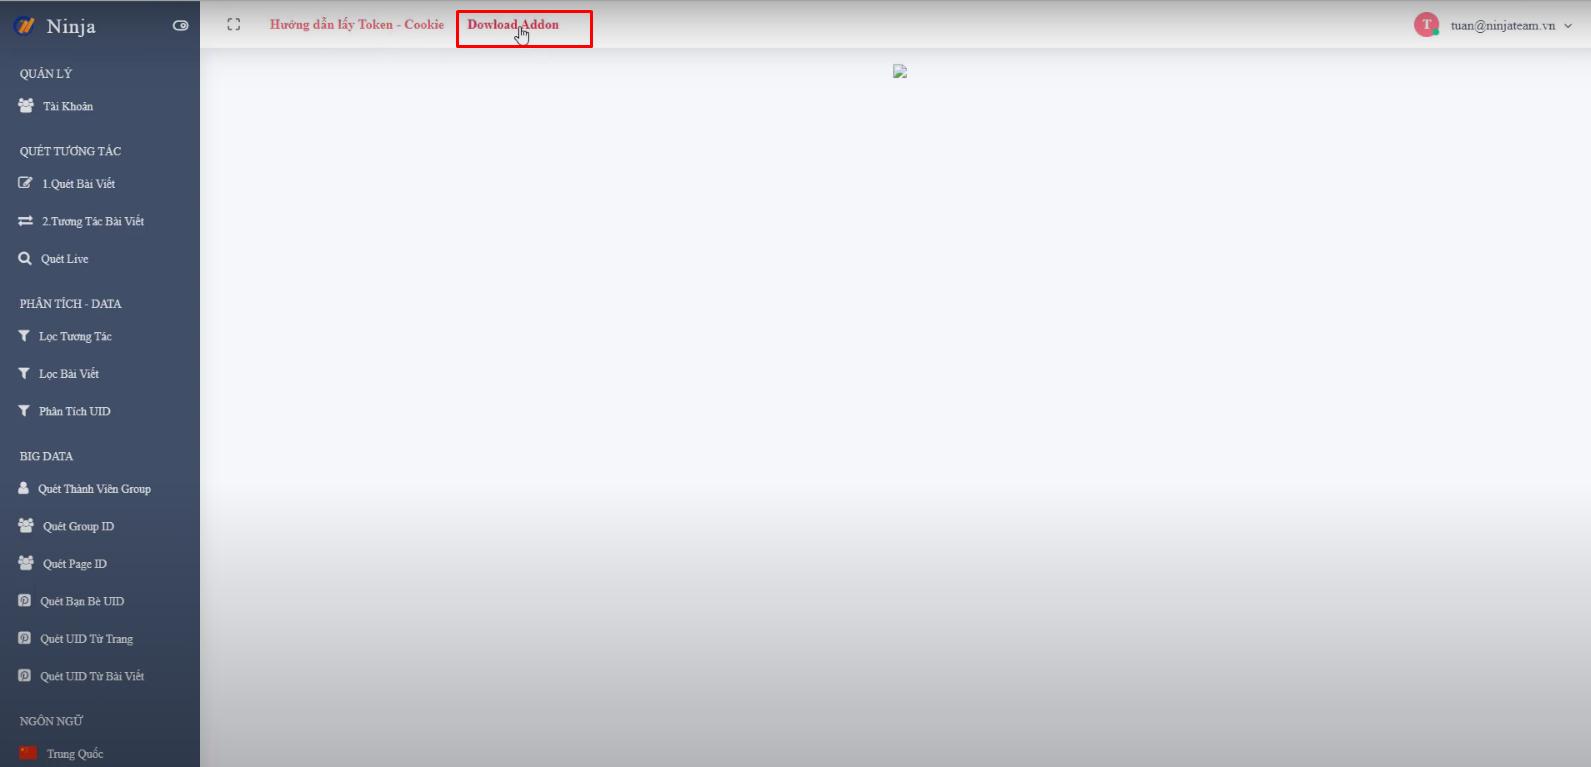 phan mem quet data Hướng dẫn lấy và nhập token trên phần mềm phân tích Data UID Pro